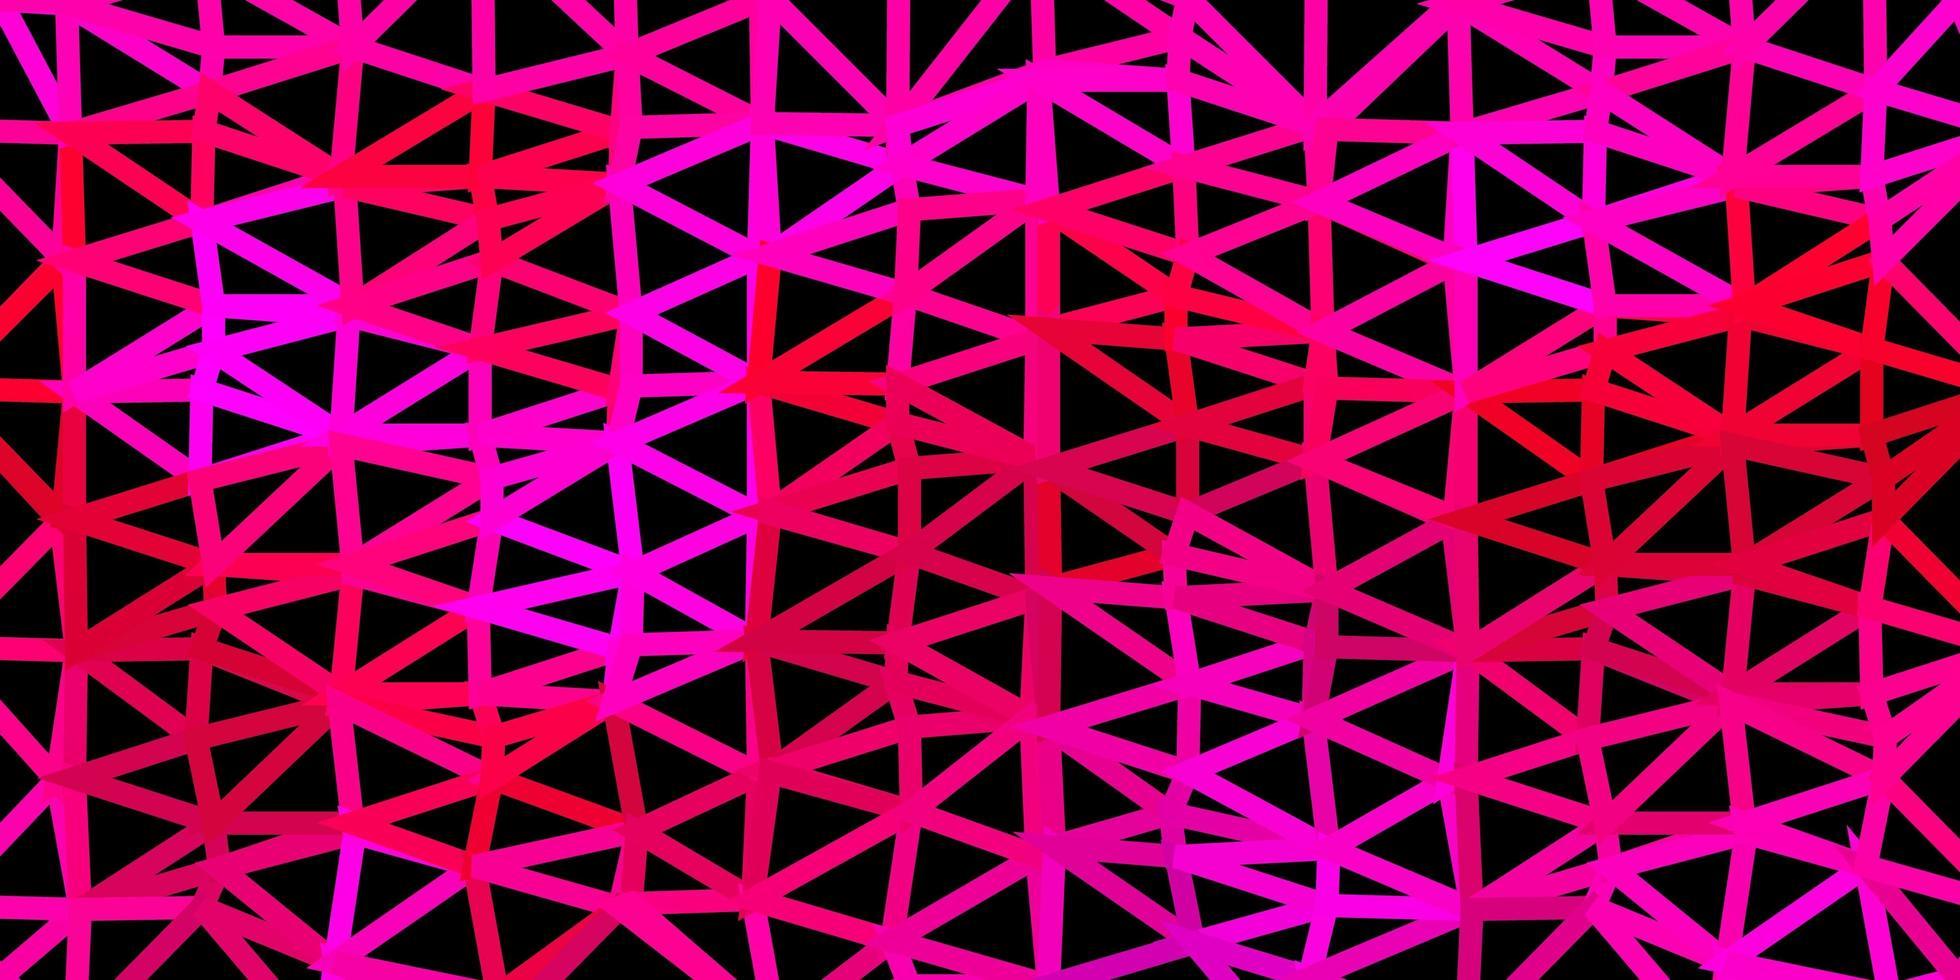 motif de mosaïque triangle vecteur rose foncé.